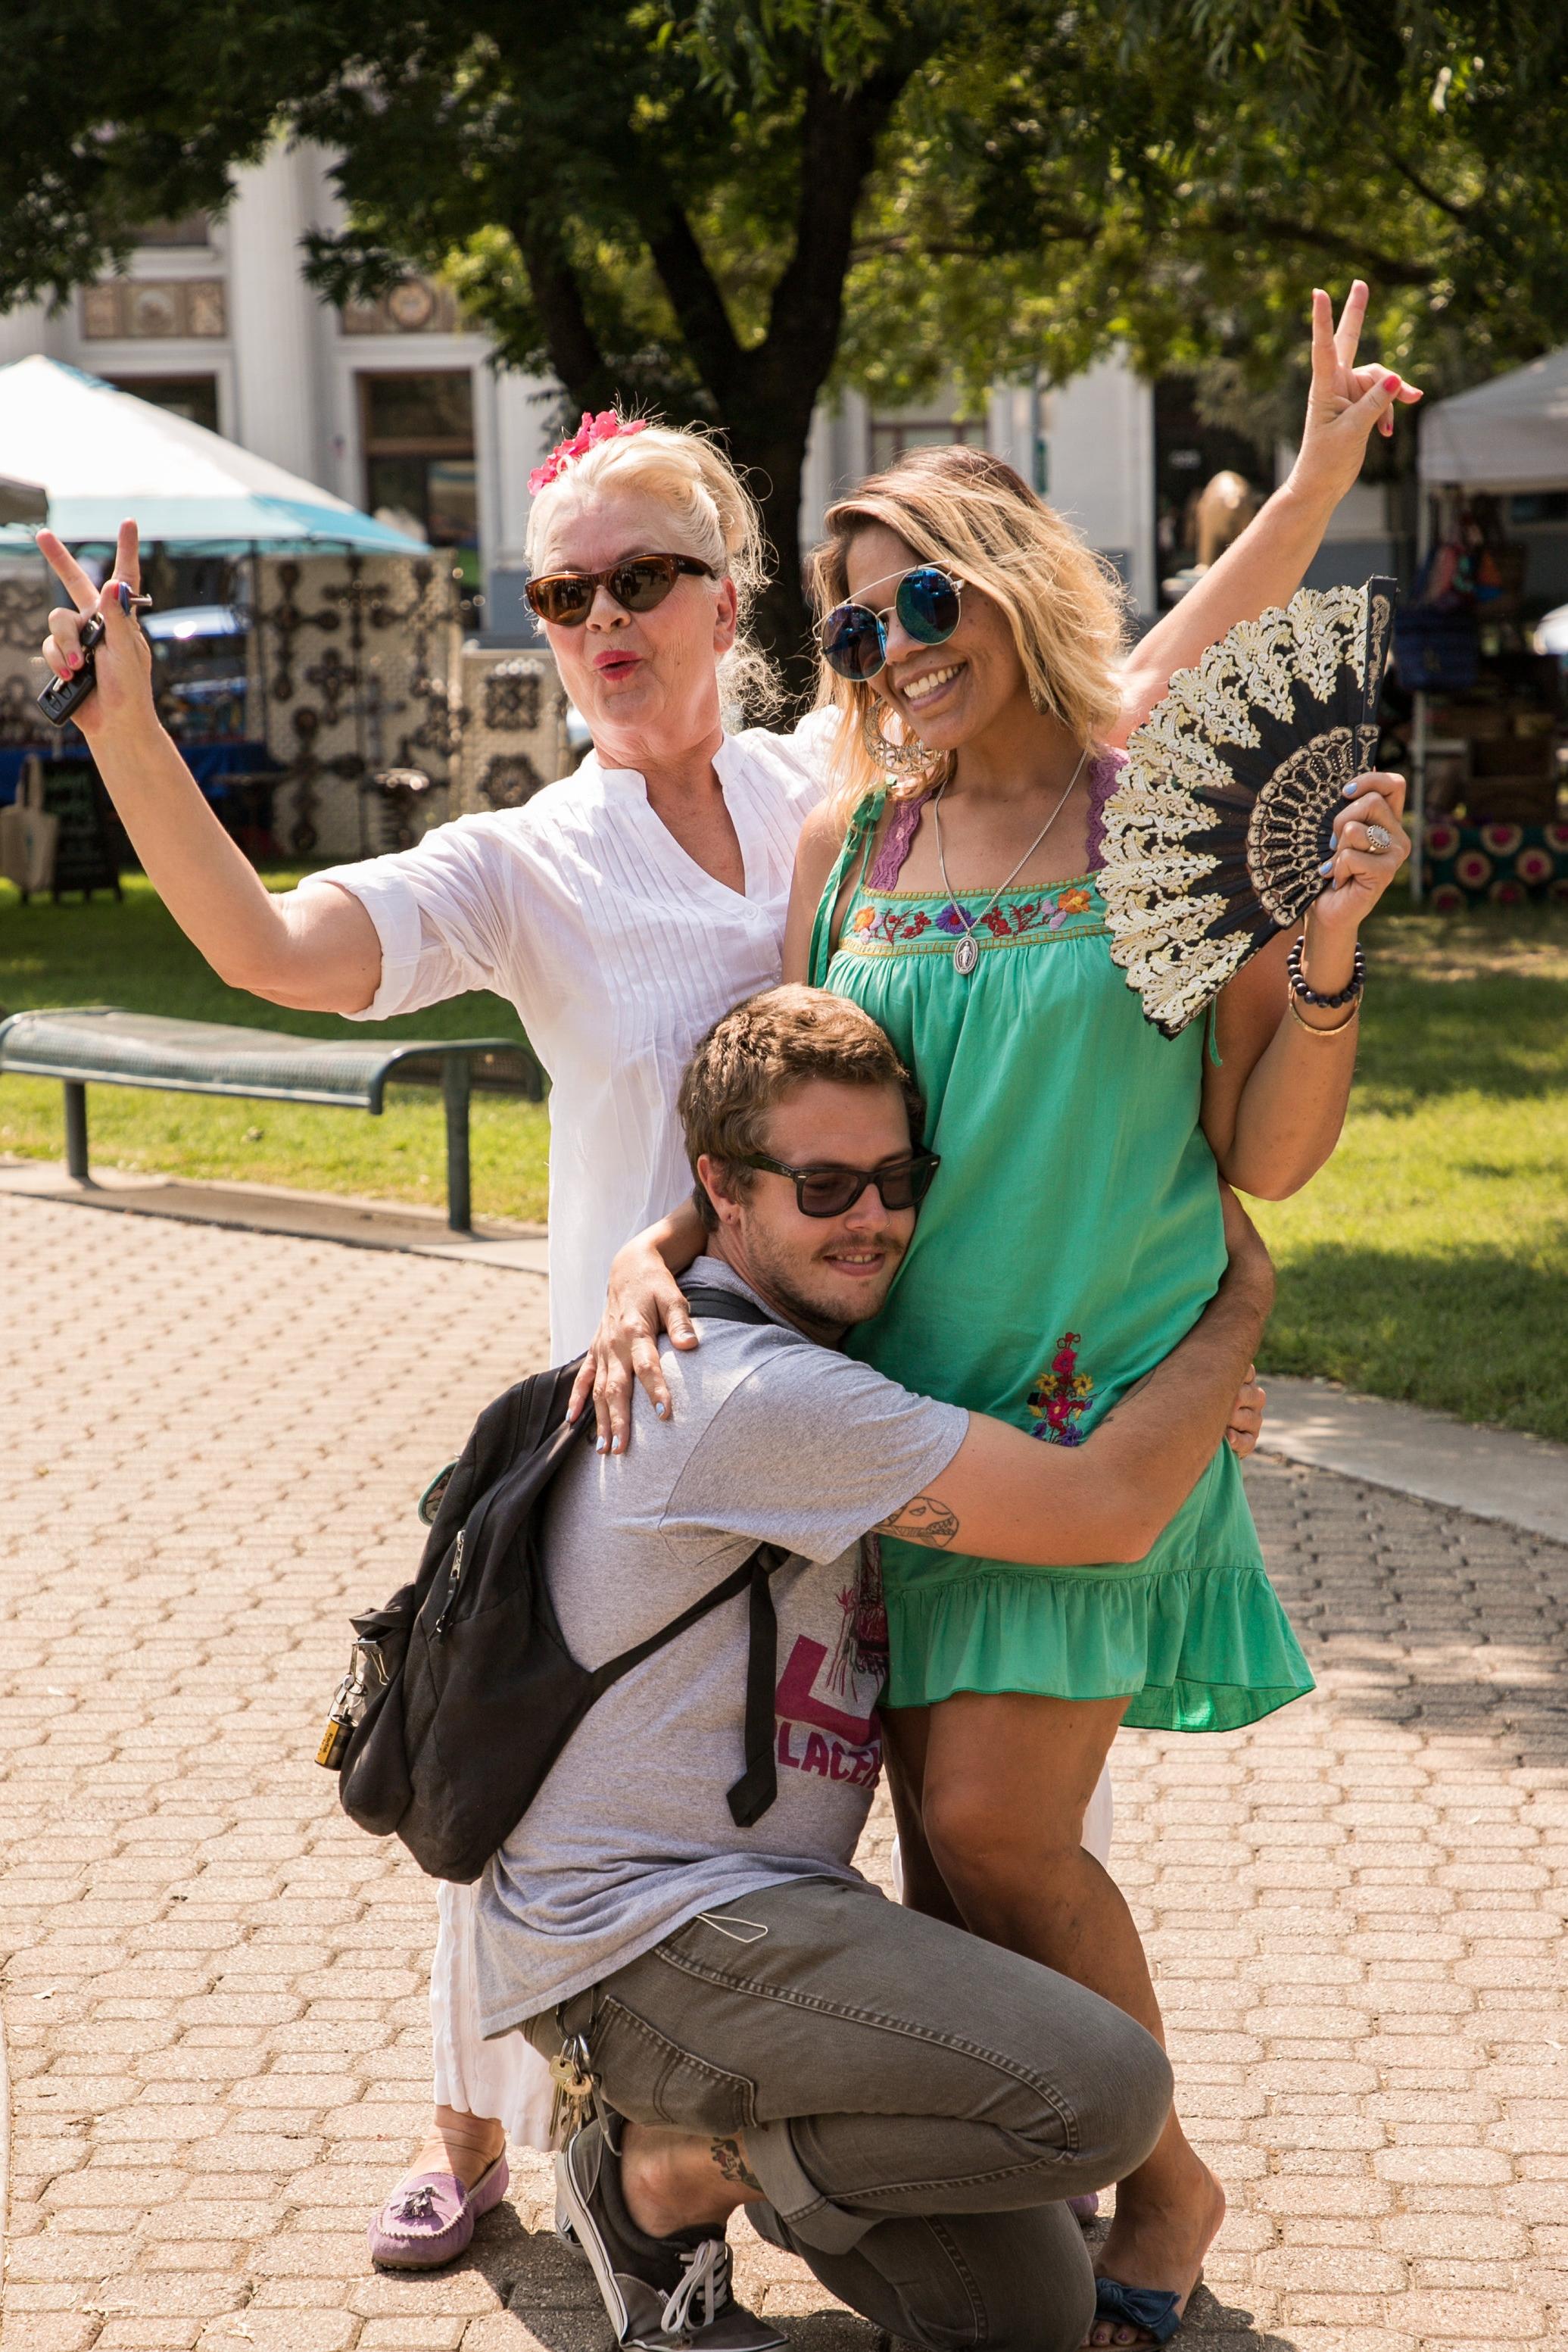 Summer Festival Boho Fun Outdoor Peace